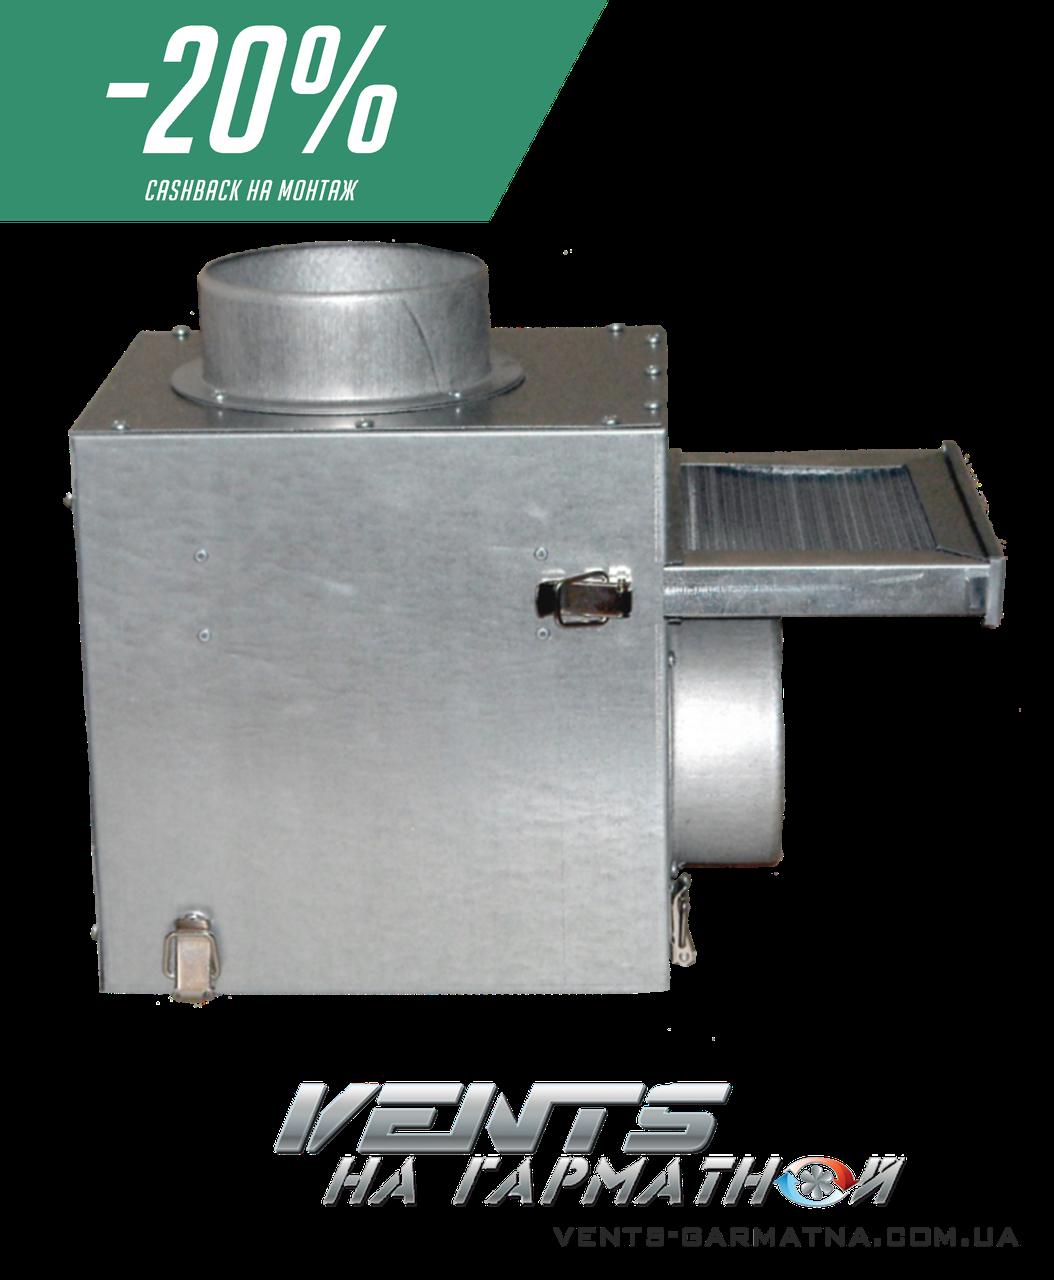 Вентс КФК 150. Смесительная камера со встроенным терморегулятором